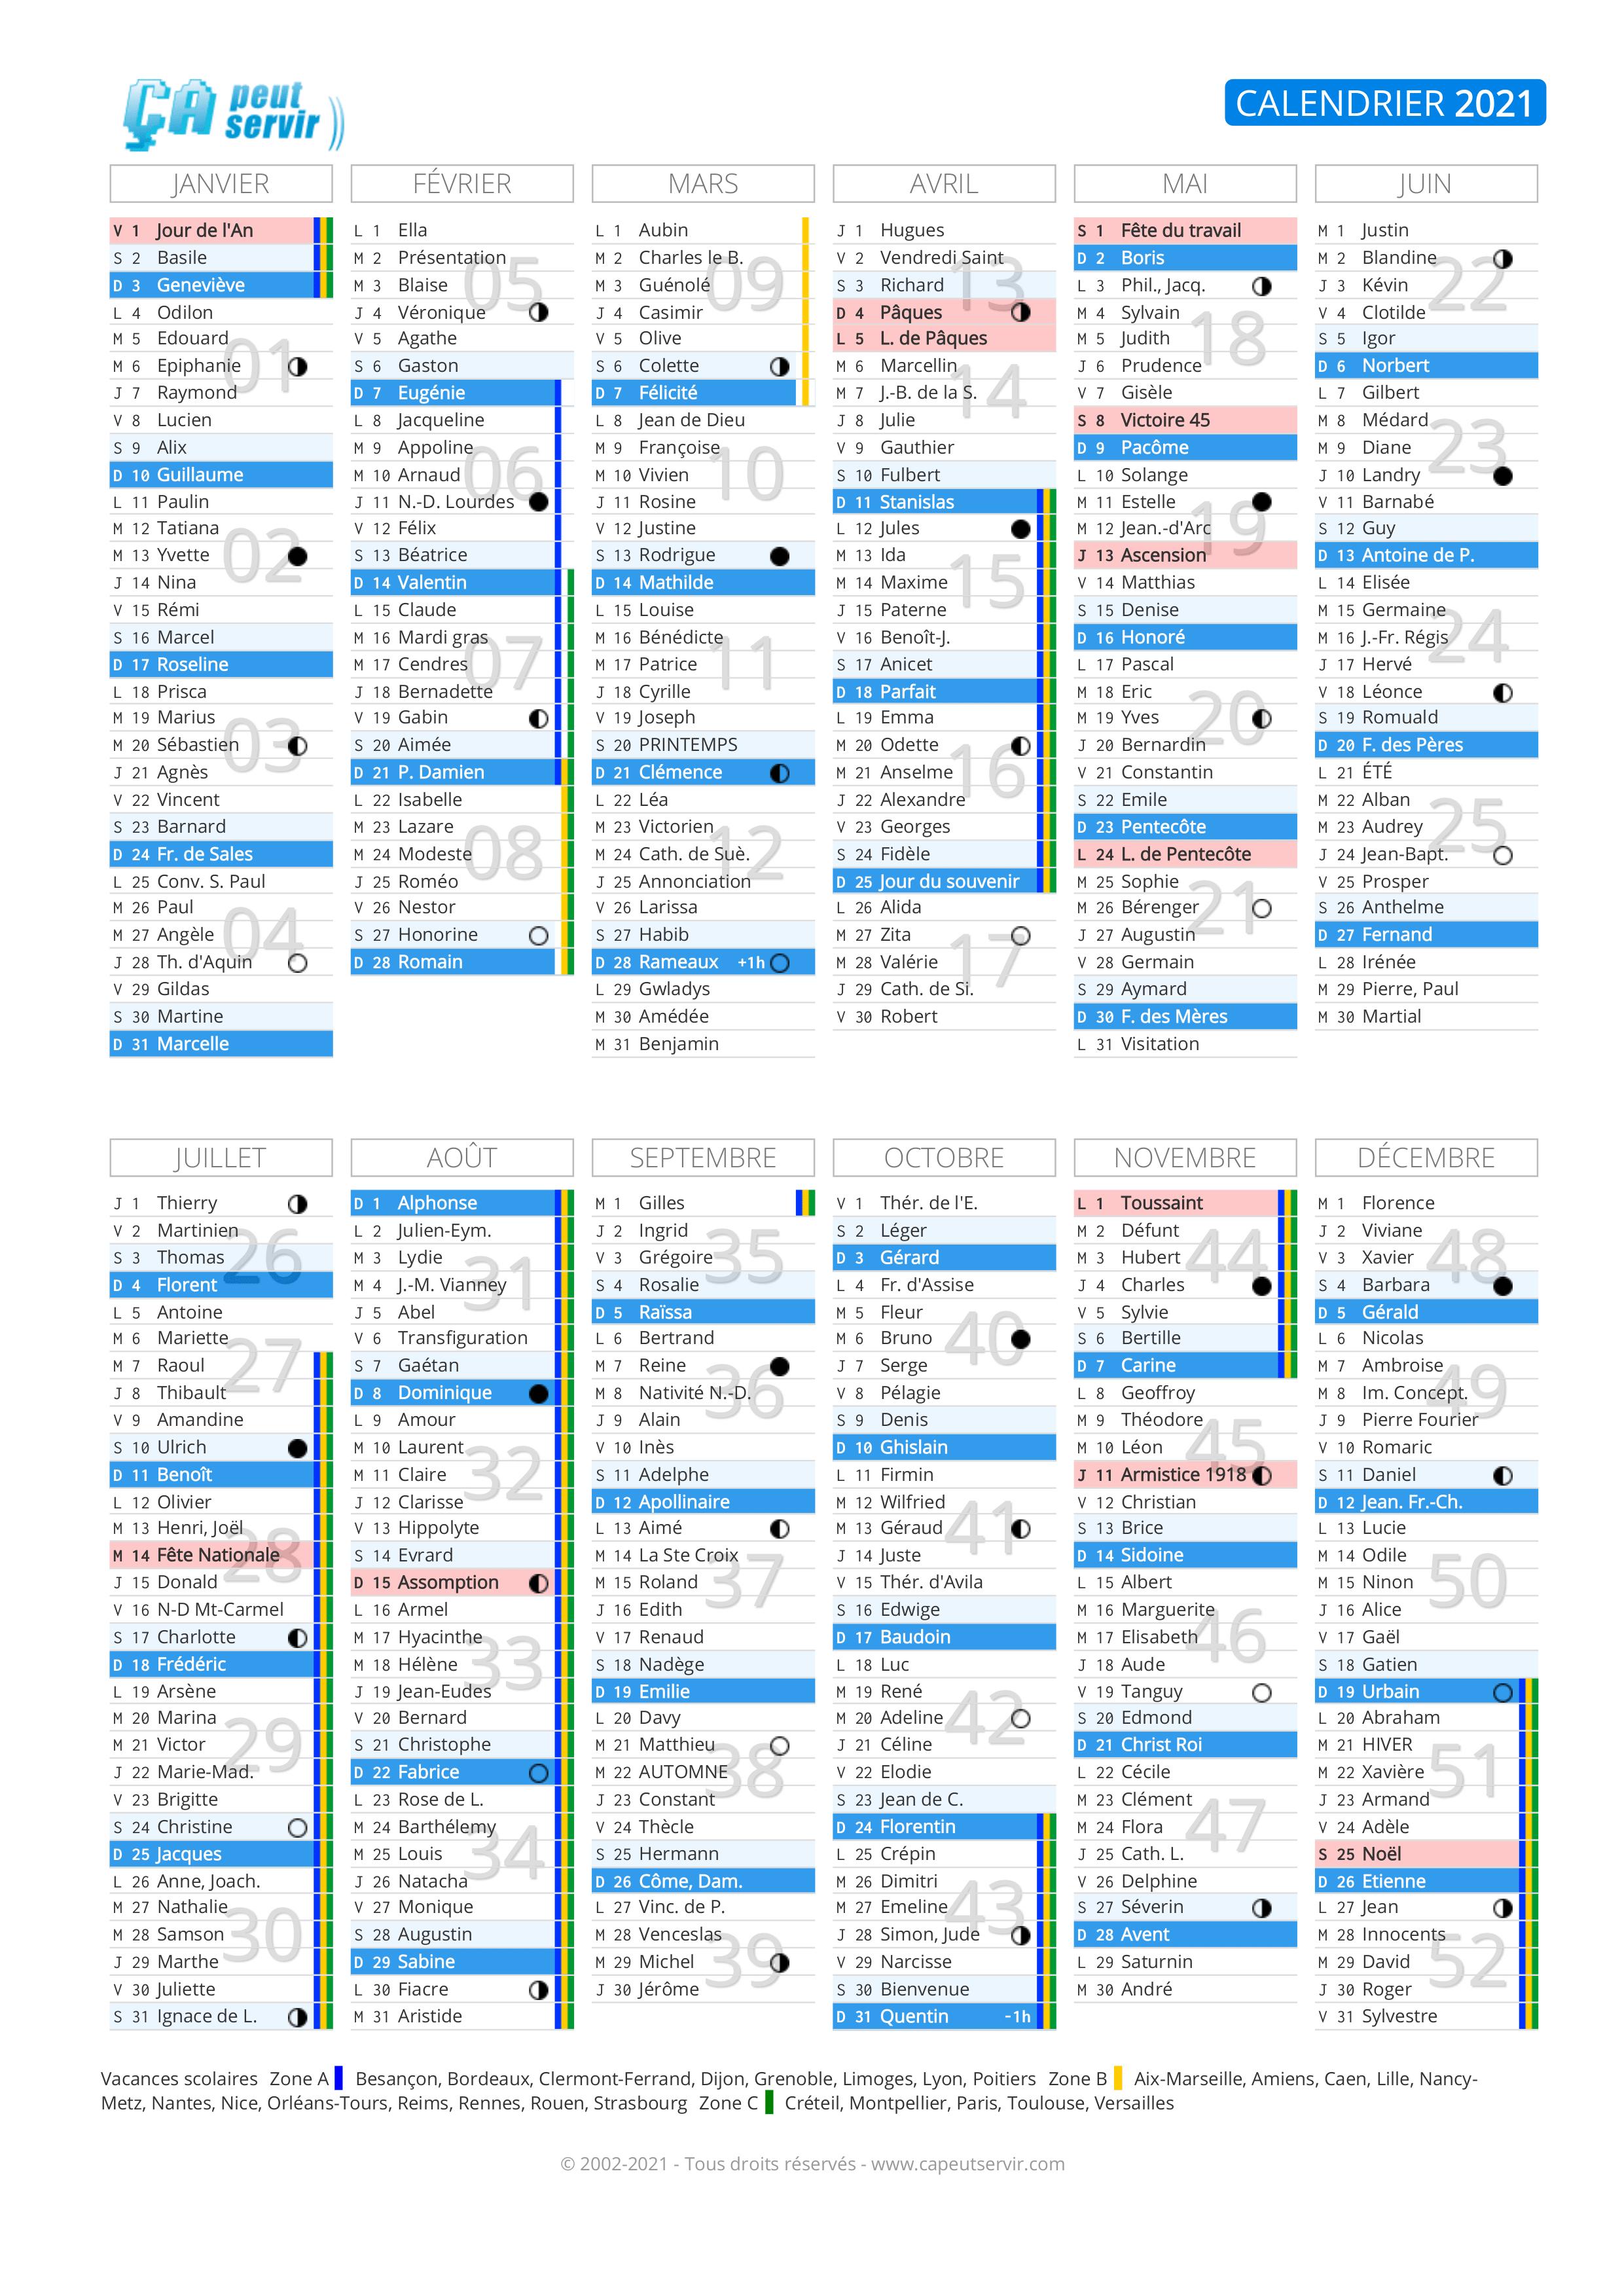 Calendrier Ponts 2021 Calendrier 2021 : Vacances, jours fériés, numéros de semaine